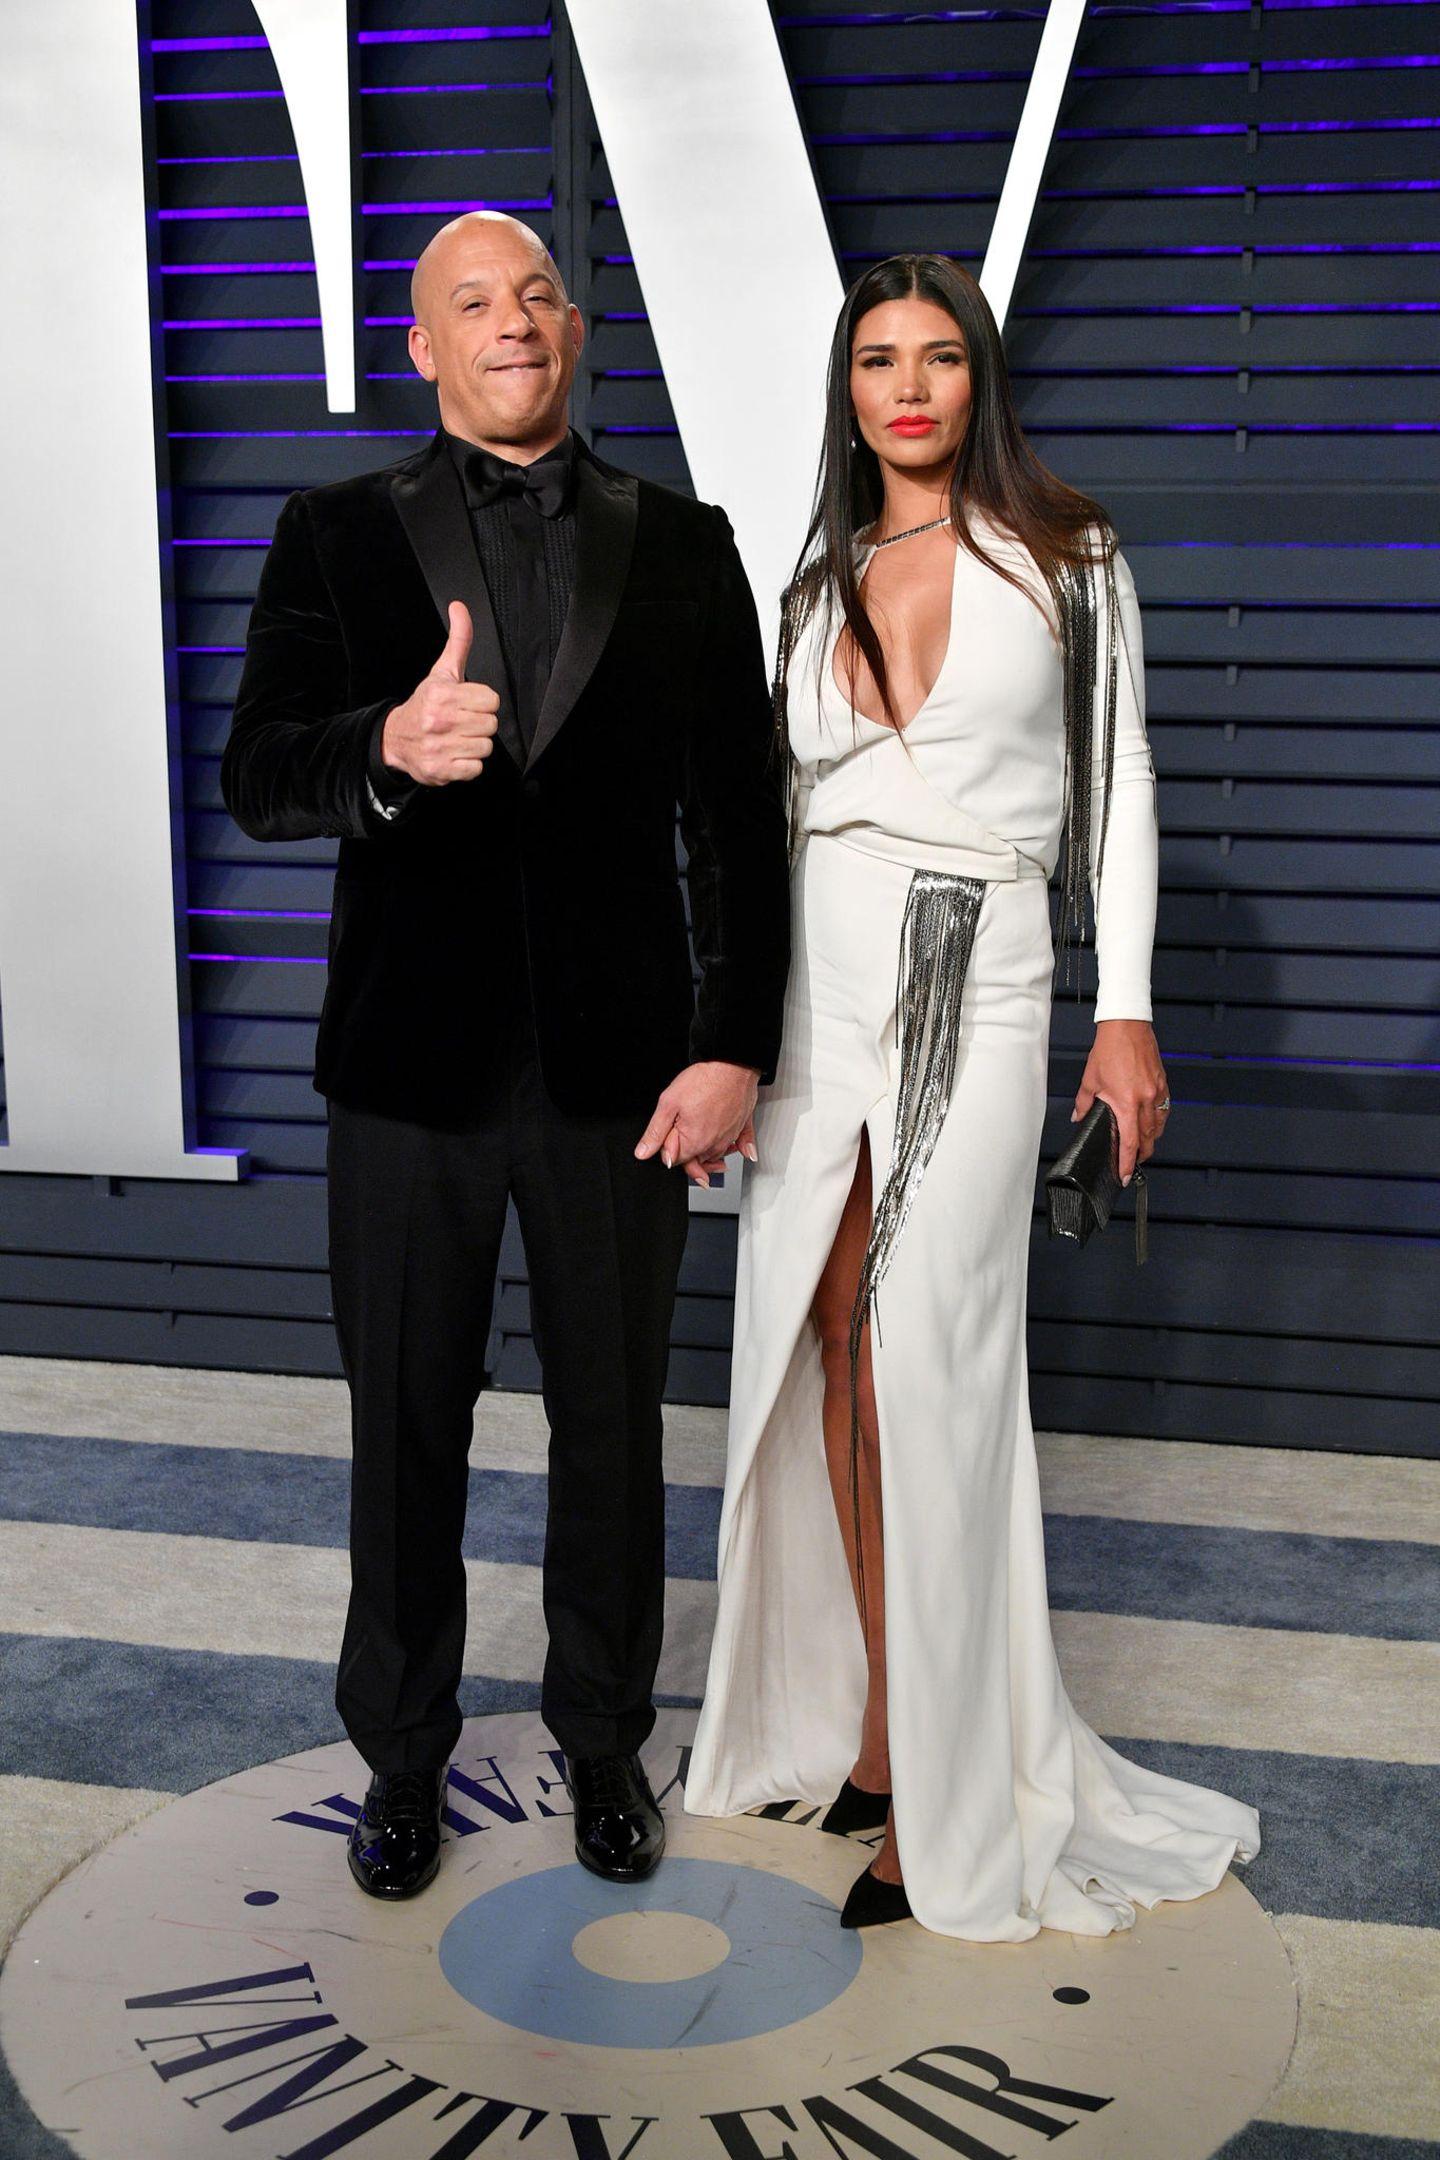 Vin Diesel bleibt selbst im eleganten Anzug seinen coolen Posen treu. Ehefrau Paloma Jimenez wirkt daneben eher sexy. Das liegt nicht zuletzt an ihrem tiefen Dekolleté und dem knallroten Lippenstift.